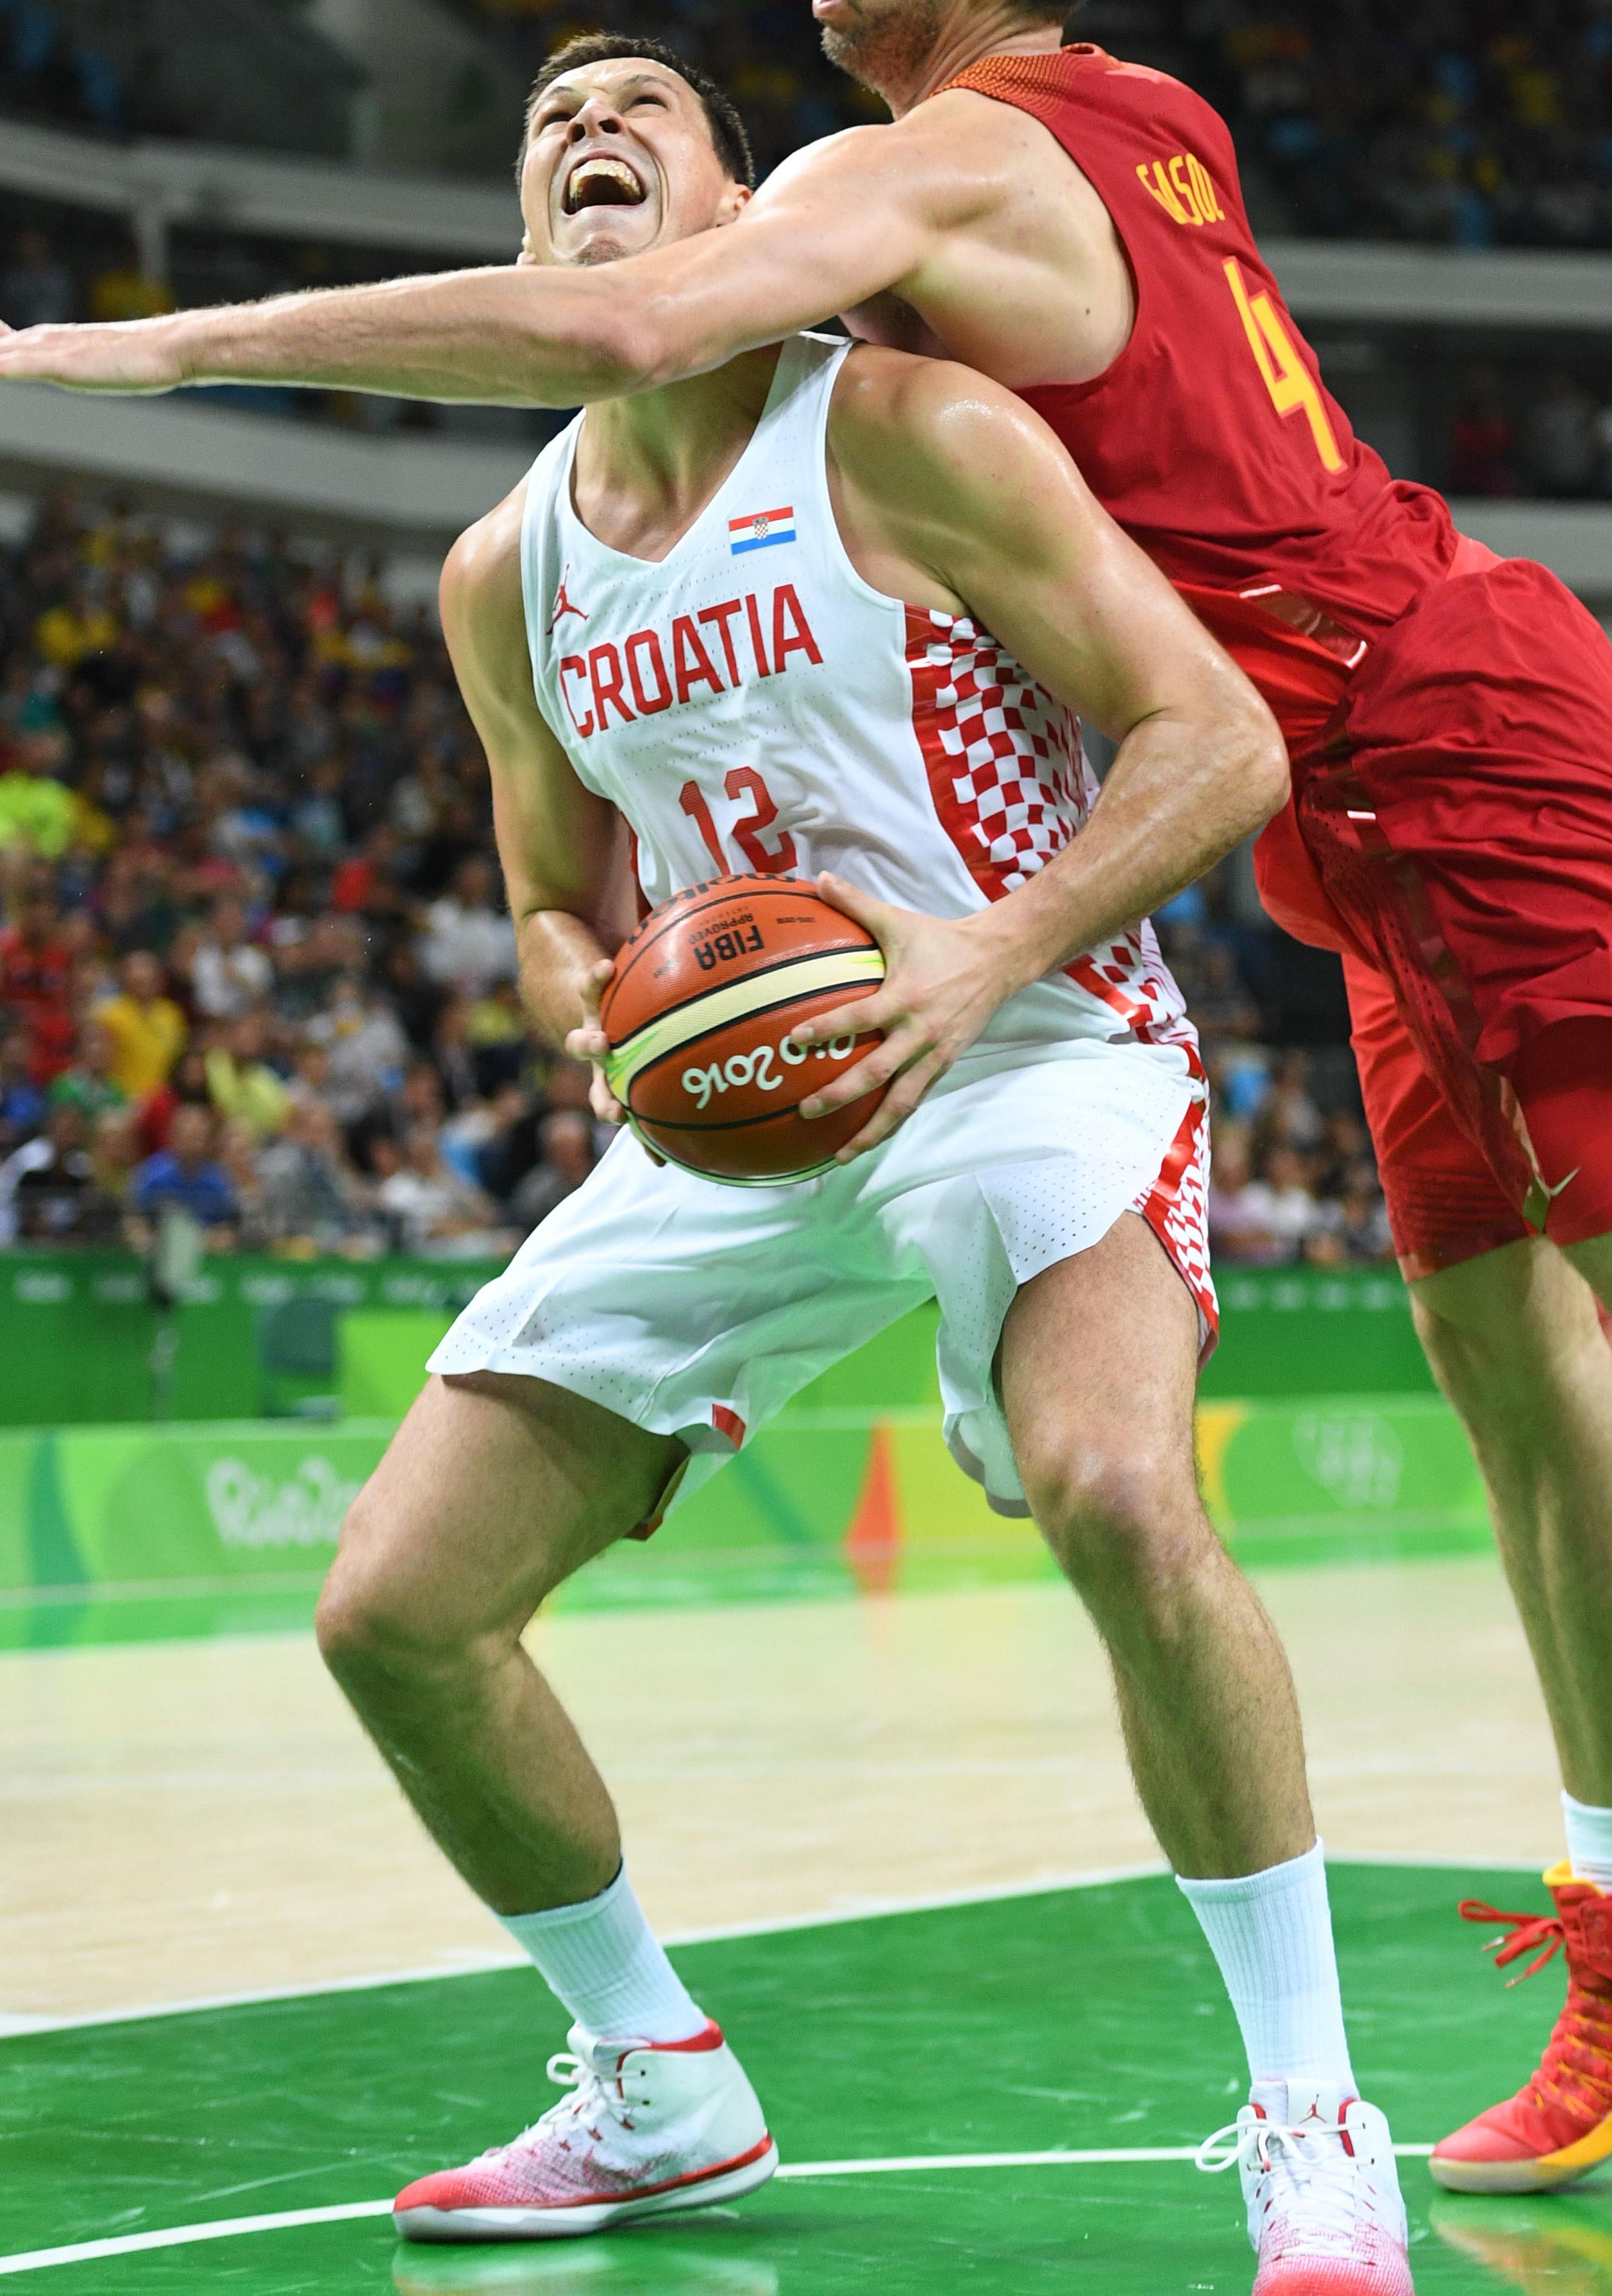 Croatia Air Jordan 31 Olympics